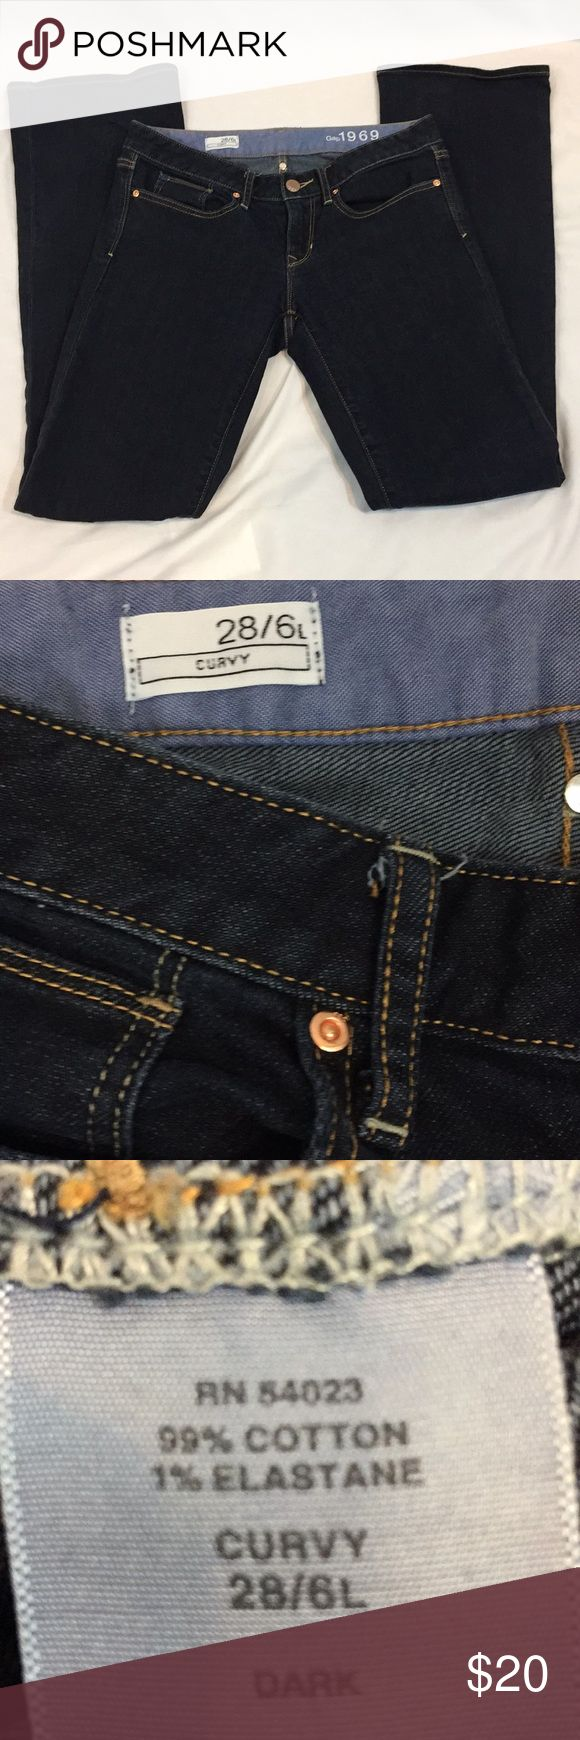 Gap SZ 6L Curvy Jeans Gap SZ 6L Curvy Jeans with approximately a 33.5in inseam. GAP Jeans